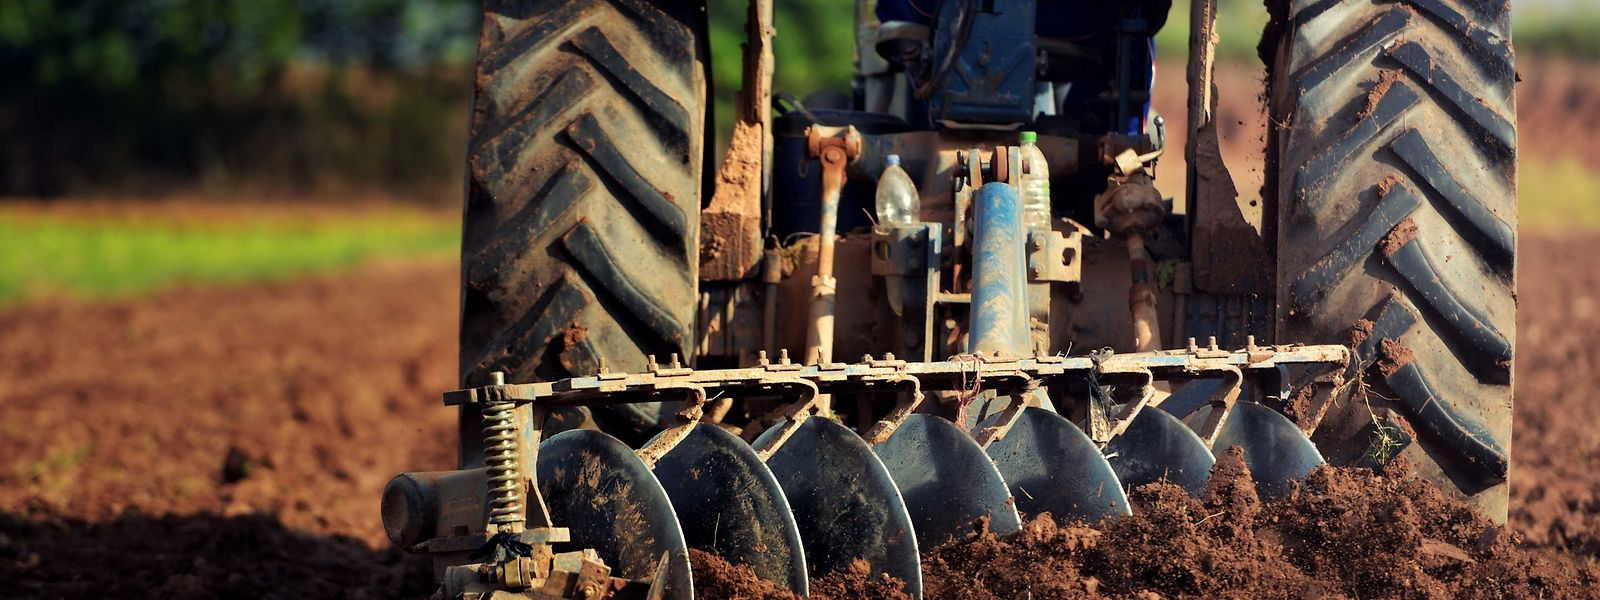 Faute d'utiliser des herbicides, les exploitants vont davantage avoir recours à la charrue.